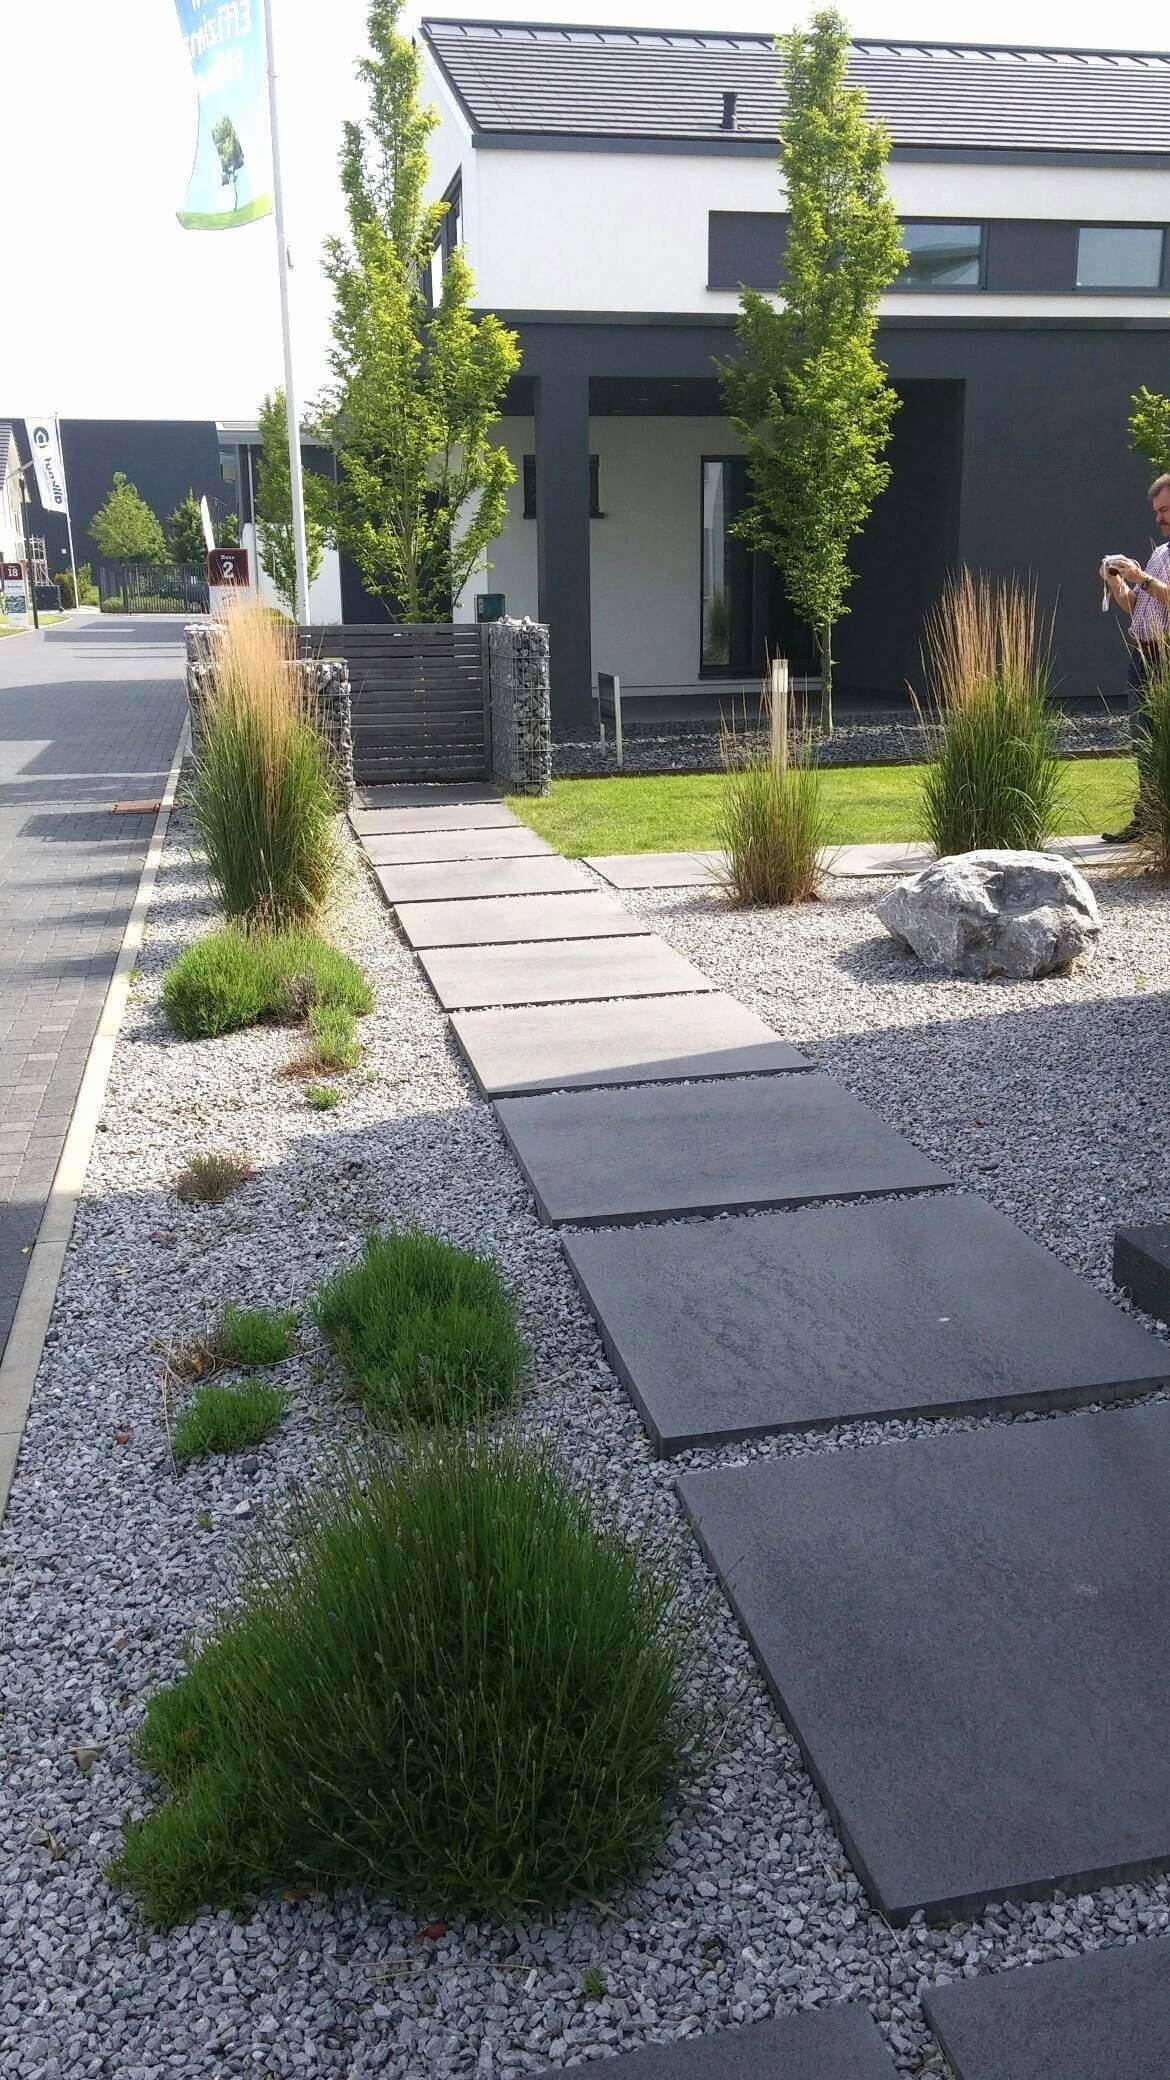 Garten Modern Gestalten Luxus Garten Ideas Garten Anlegen Lovely Aussenleuchten Garten 0d